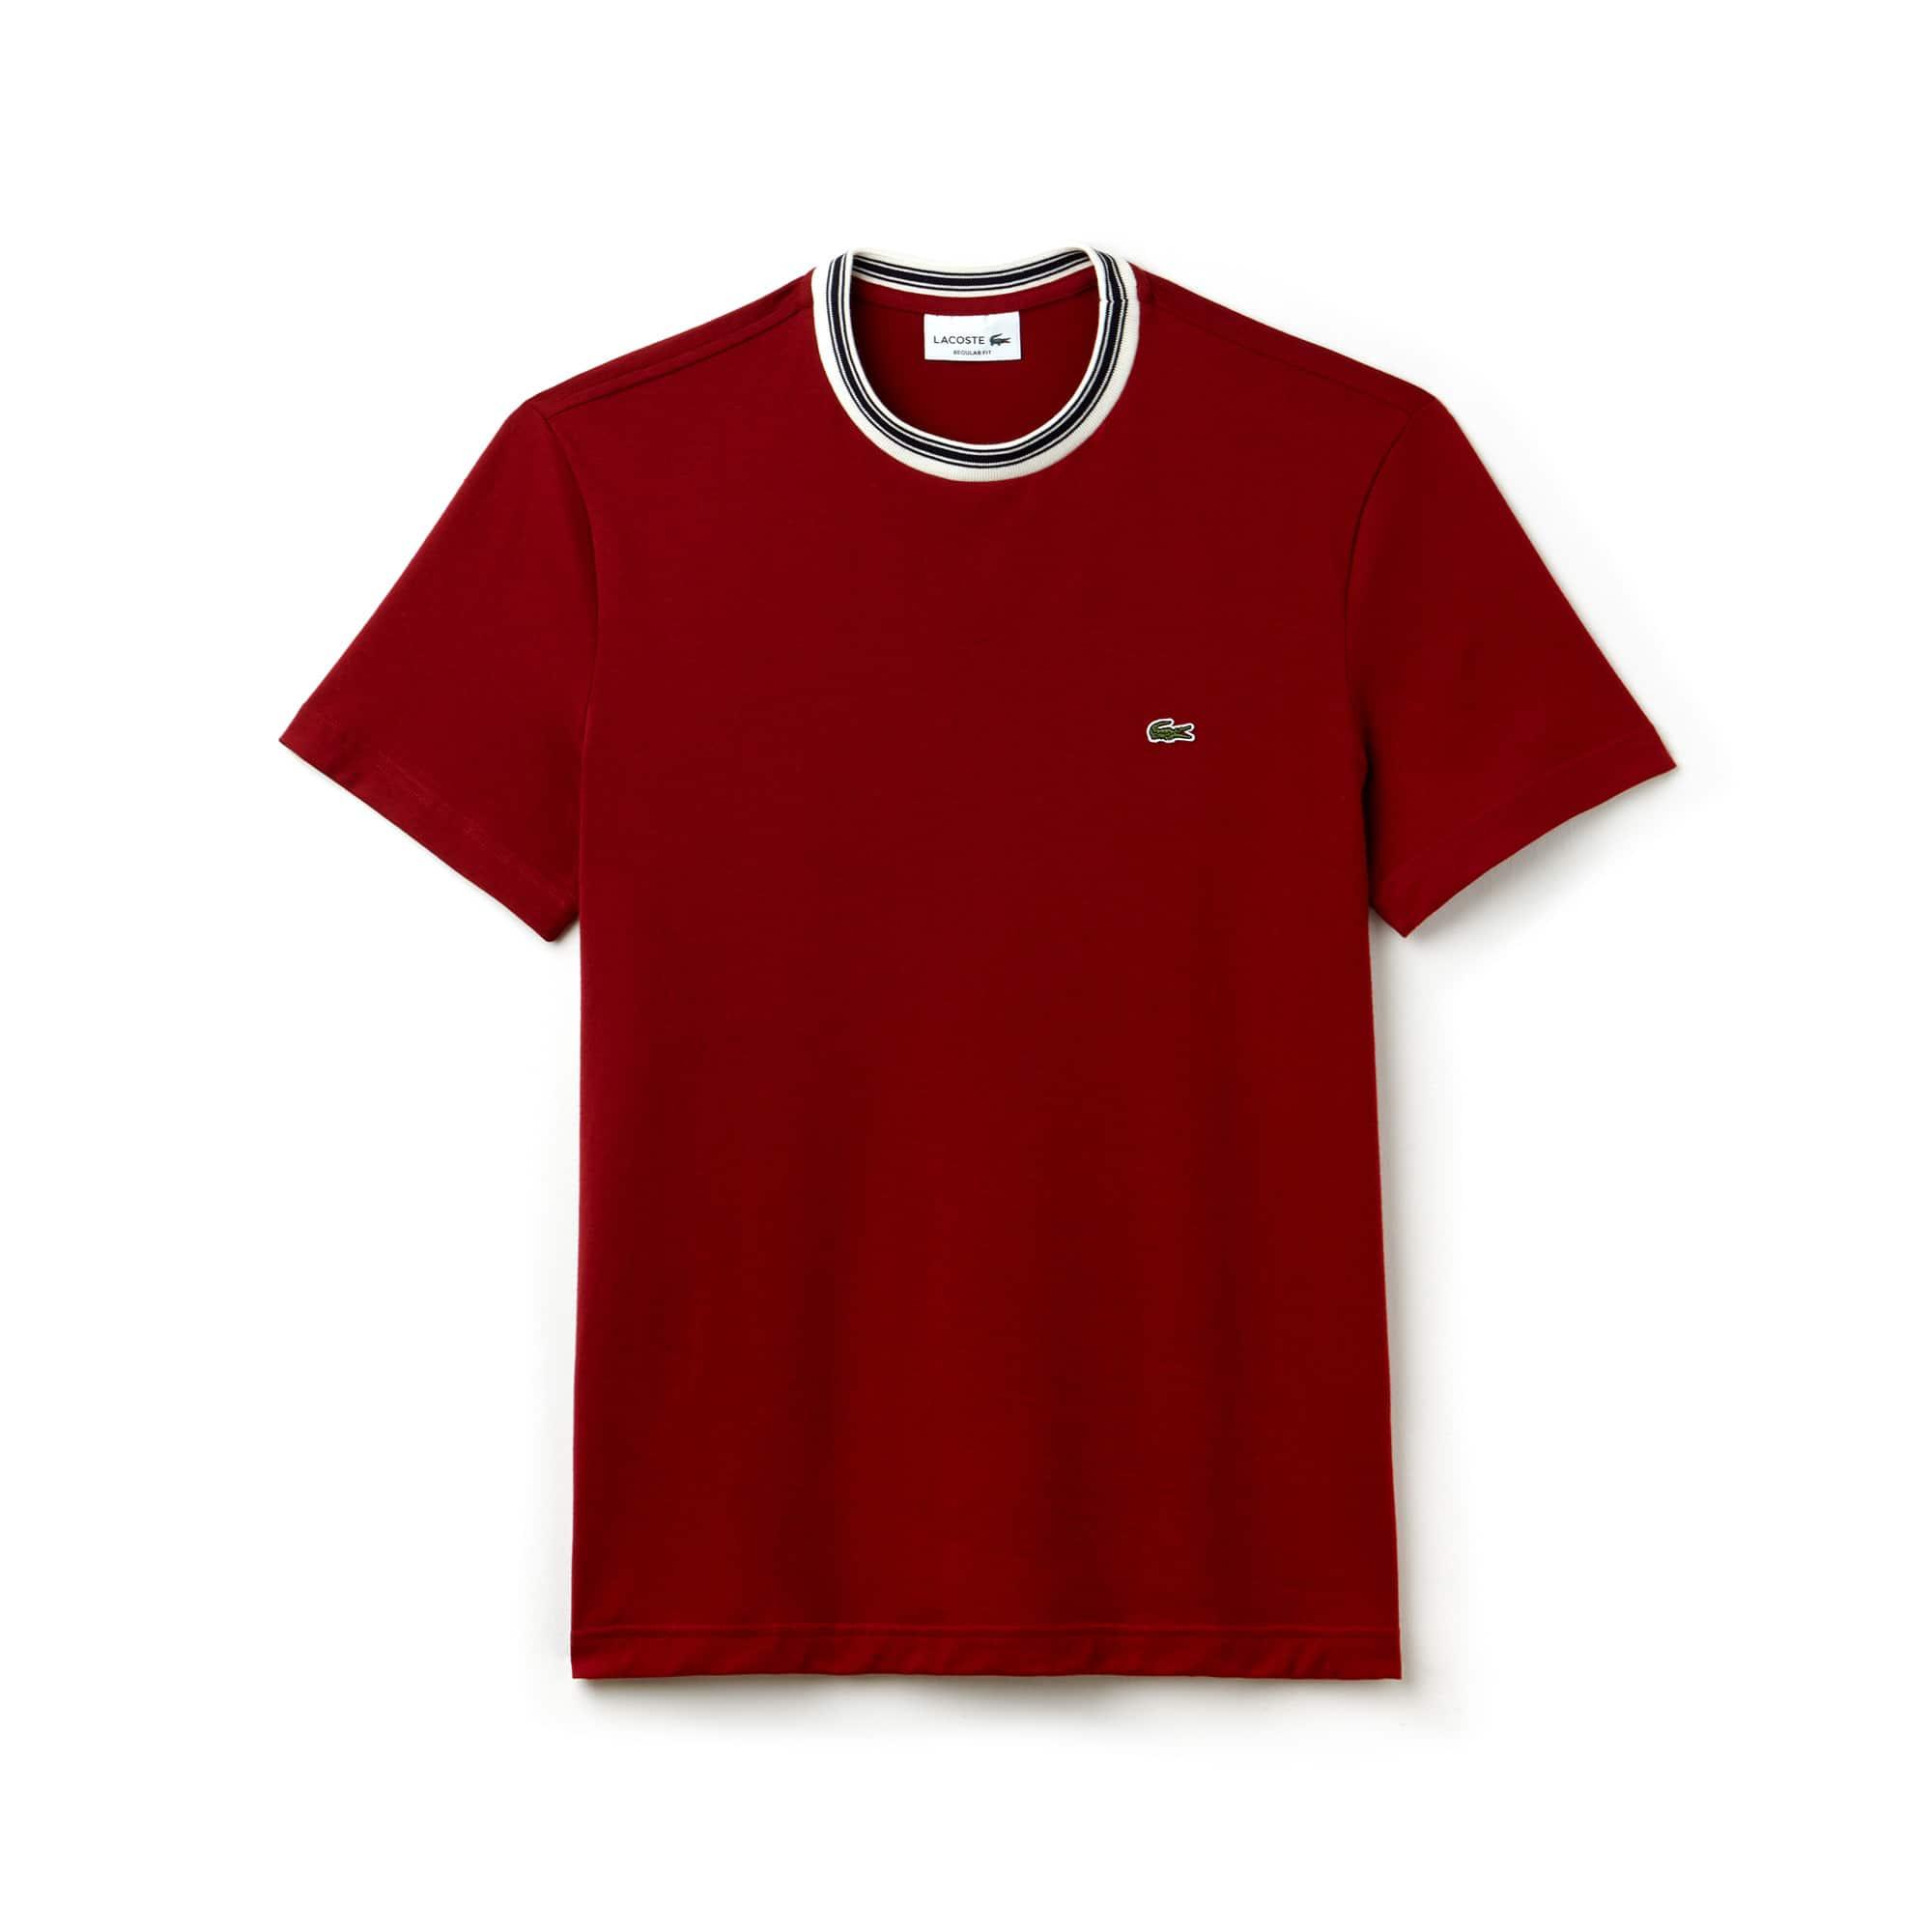 Herren-Rundhals-T-Shirt aus gestreiftem Baumwolljersey